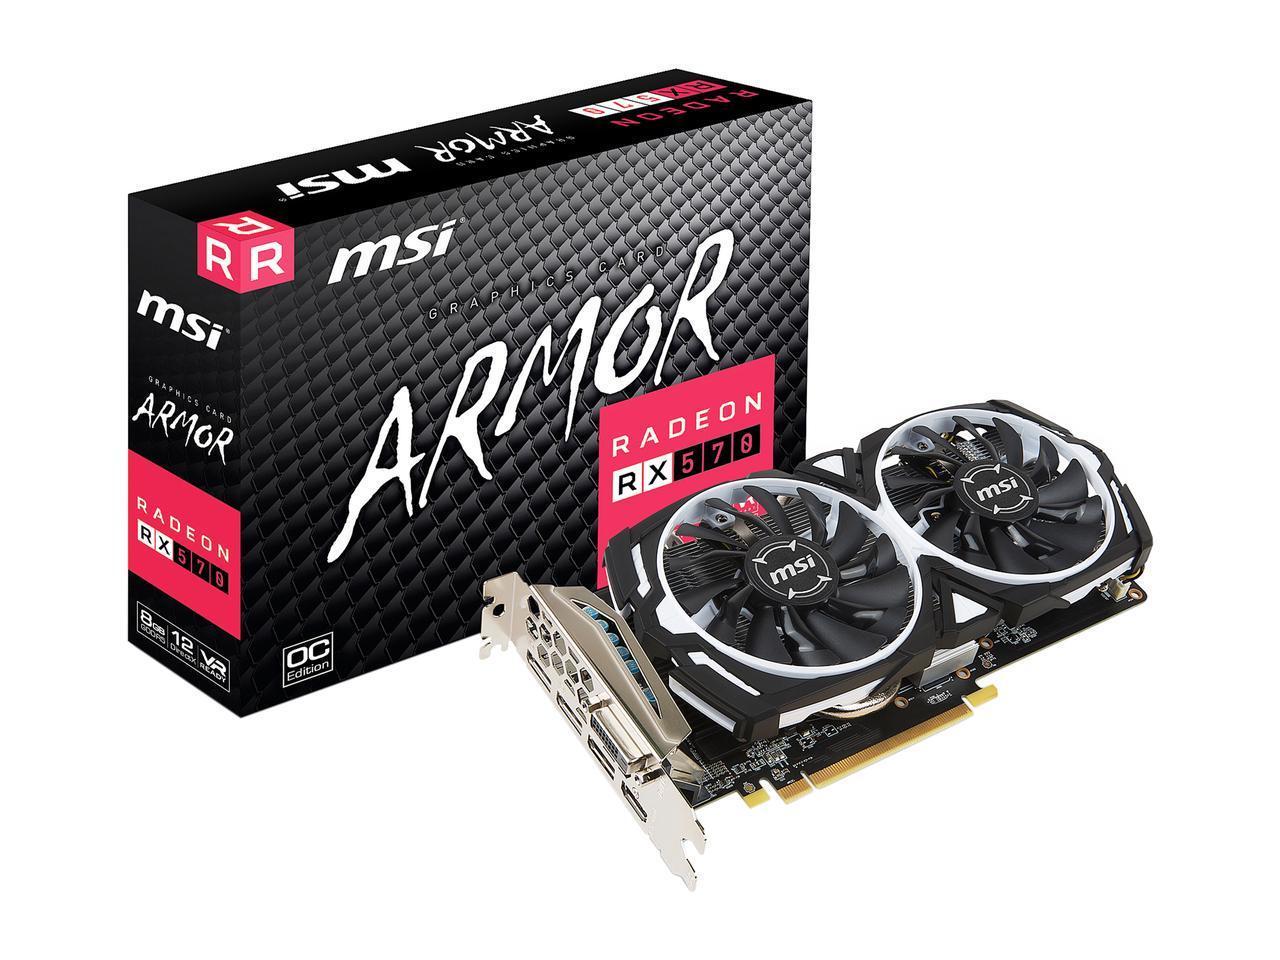 MSI Radeon RX 570 OC 8G GDDR5 PCI Express x16 Video Card - $119.99 AC/AR/FS